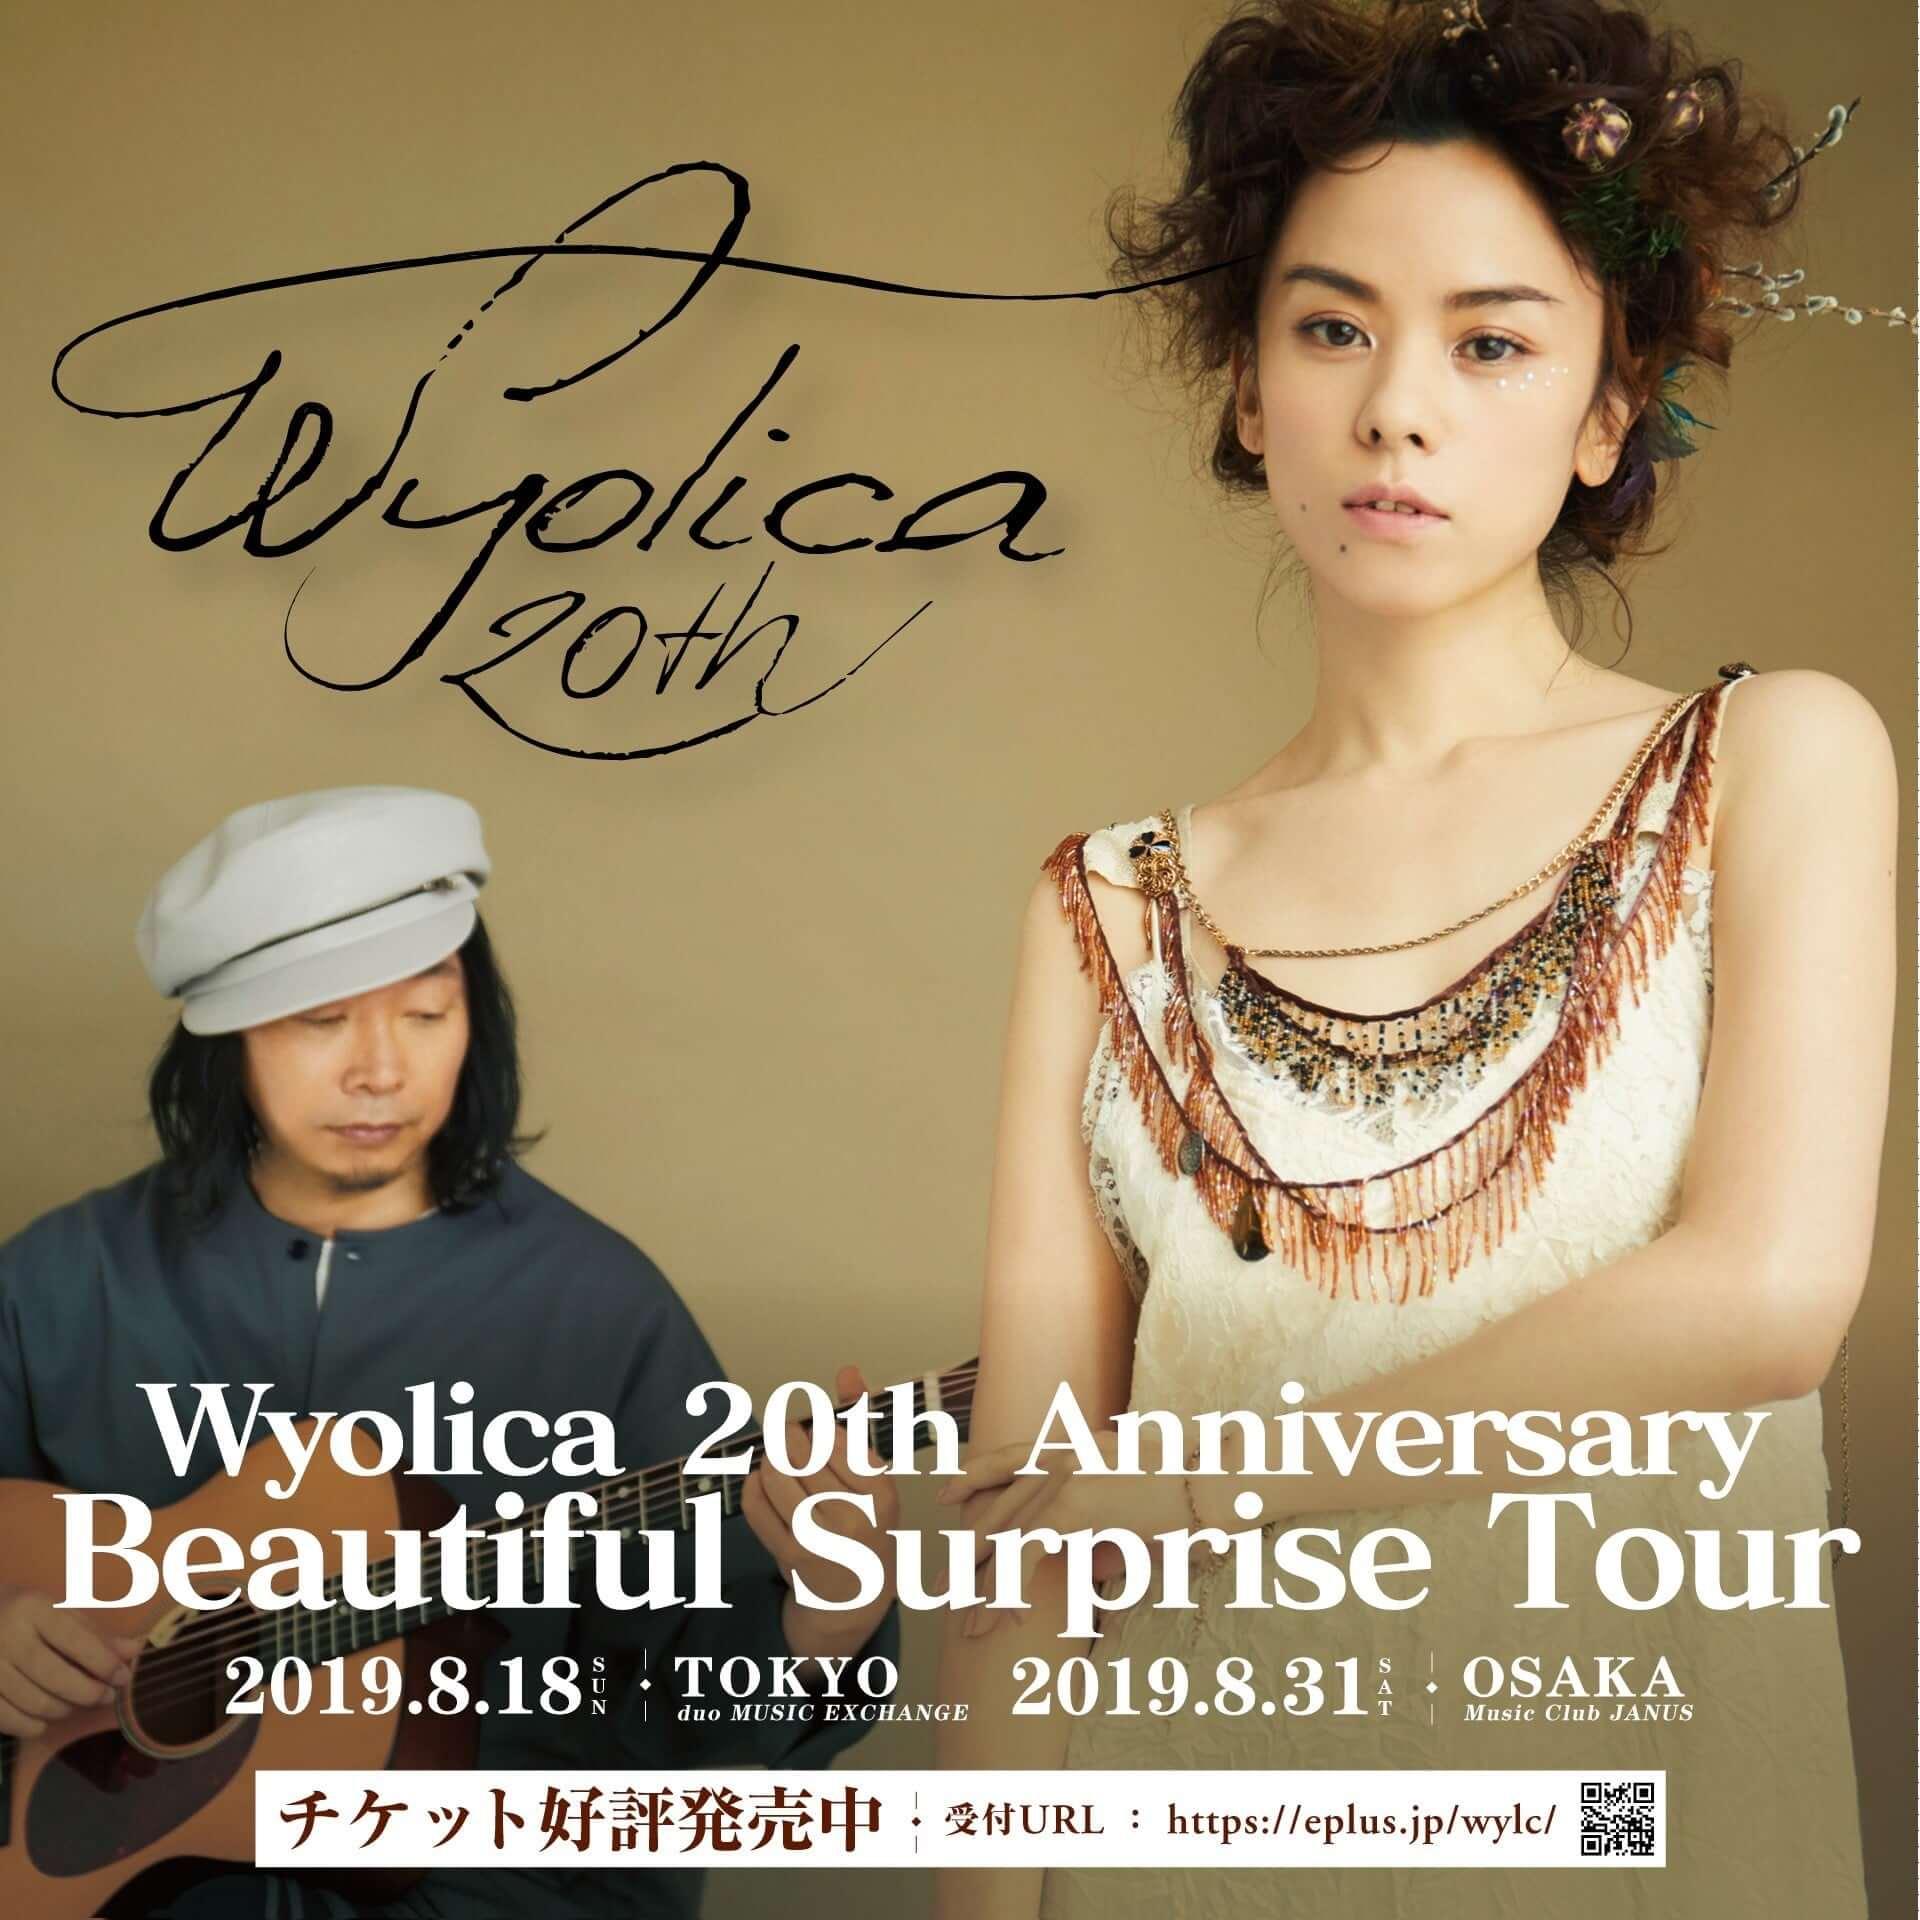 ワイヨリカ9年振りに新曲2曲「Beautiful Surprise/OneRoom 」をリリース!亀田誠治、TERUよりコメントも music190731_wyolica_3-1920x1920